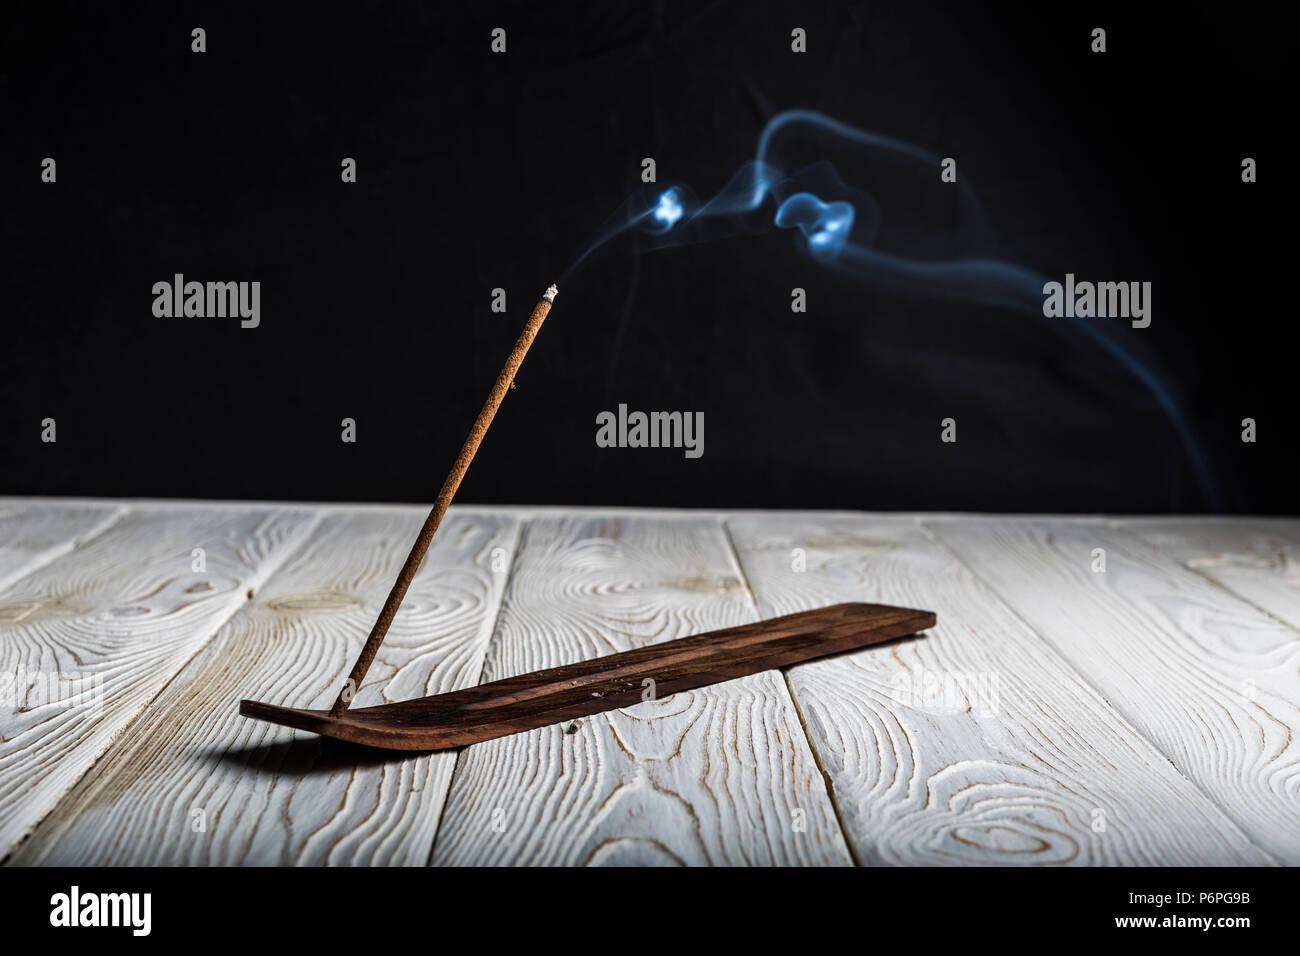 Stick aromatico a covare ed emette molto fumo. Foto Stock